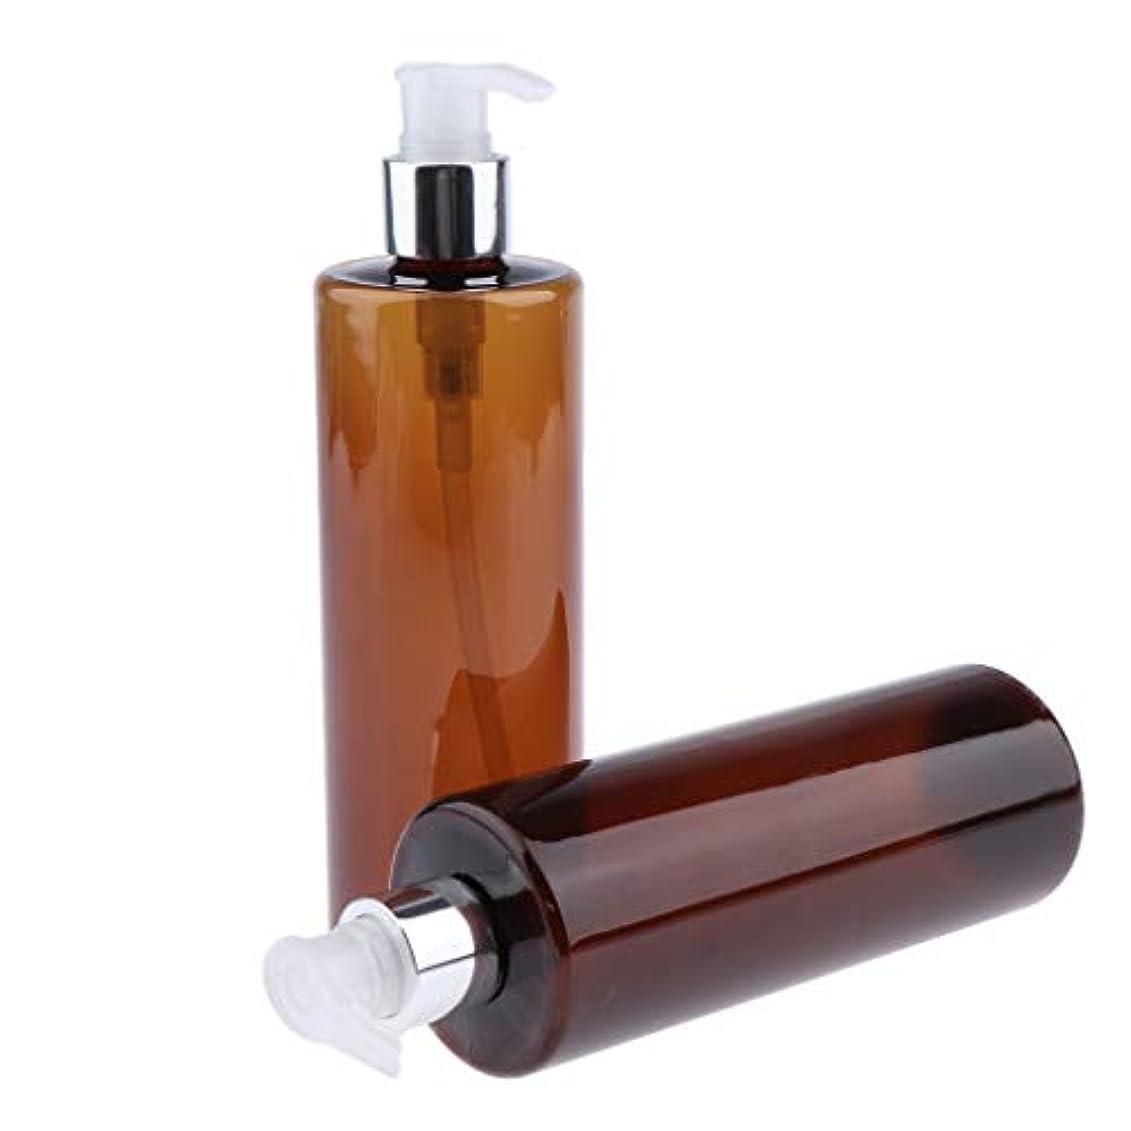 ジーンズ名前赤面ポンプボトル シャンプーボトル コンディショナーボトル ローションボトル ハンドソープボトル 3色選べ - 褐色